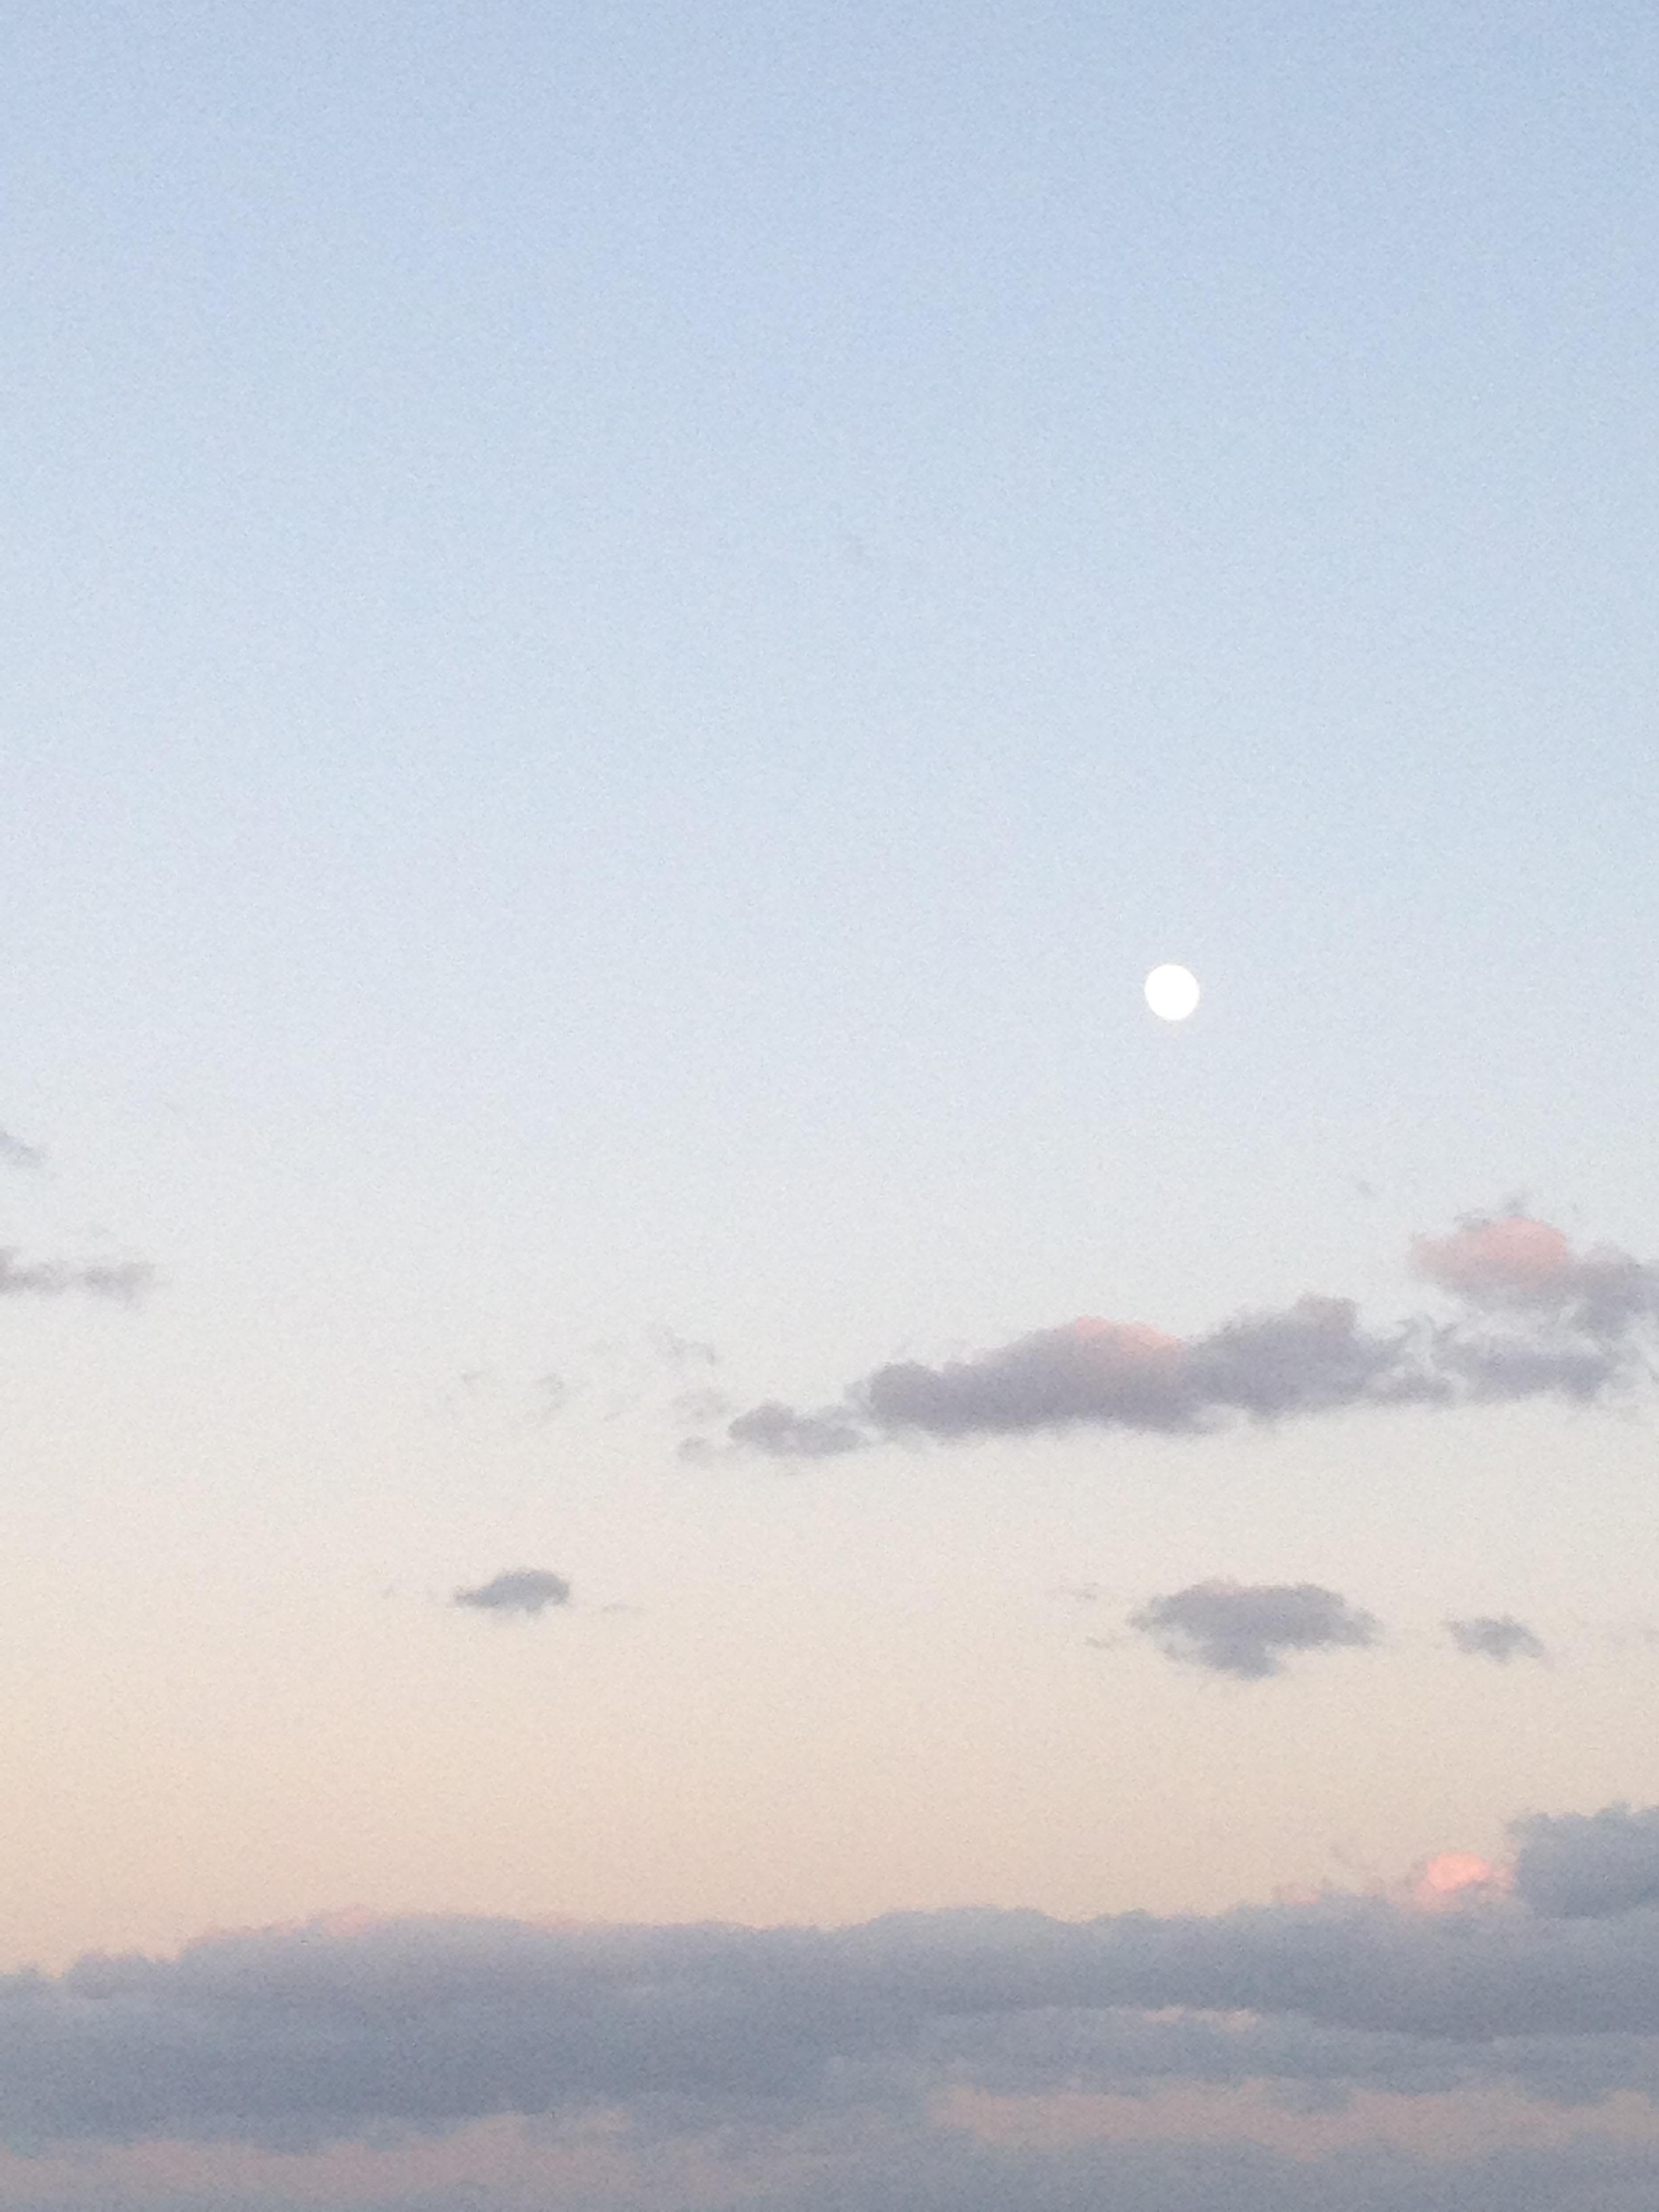 夕方の月と雲